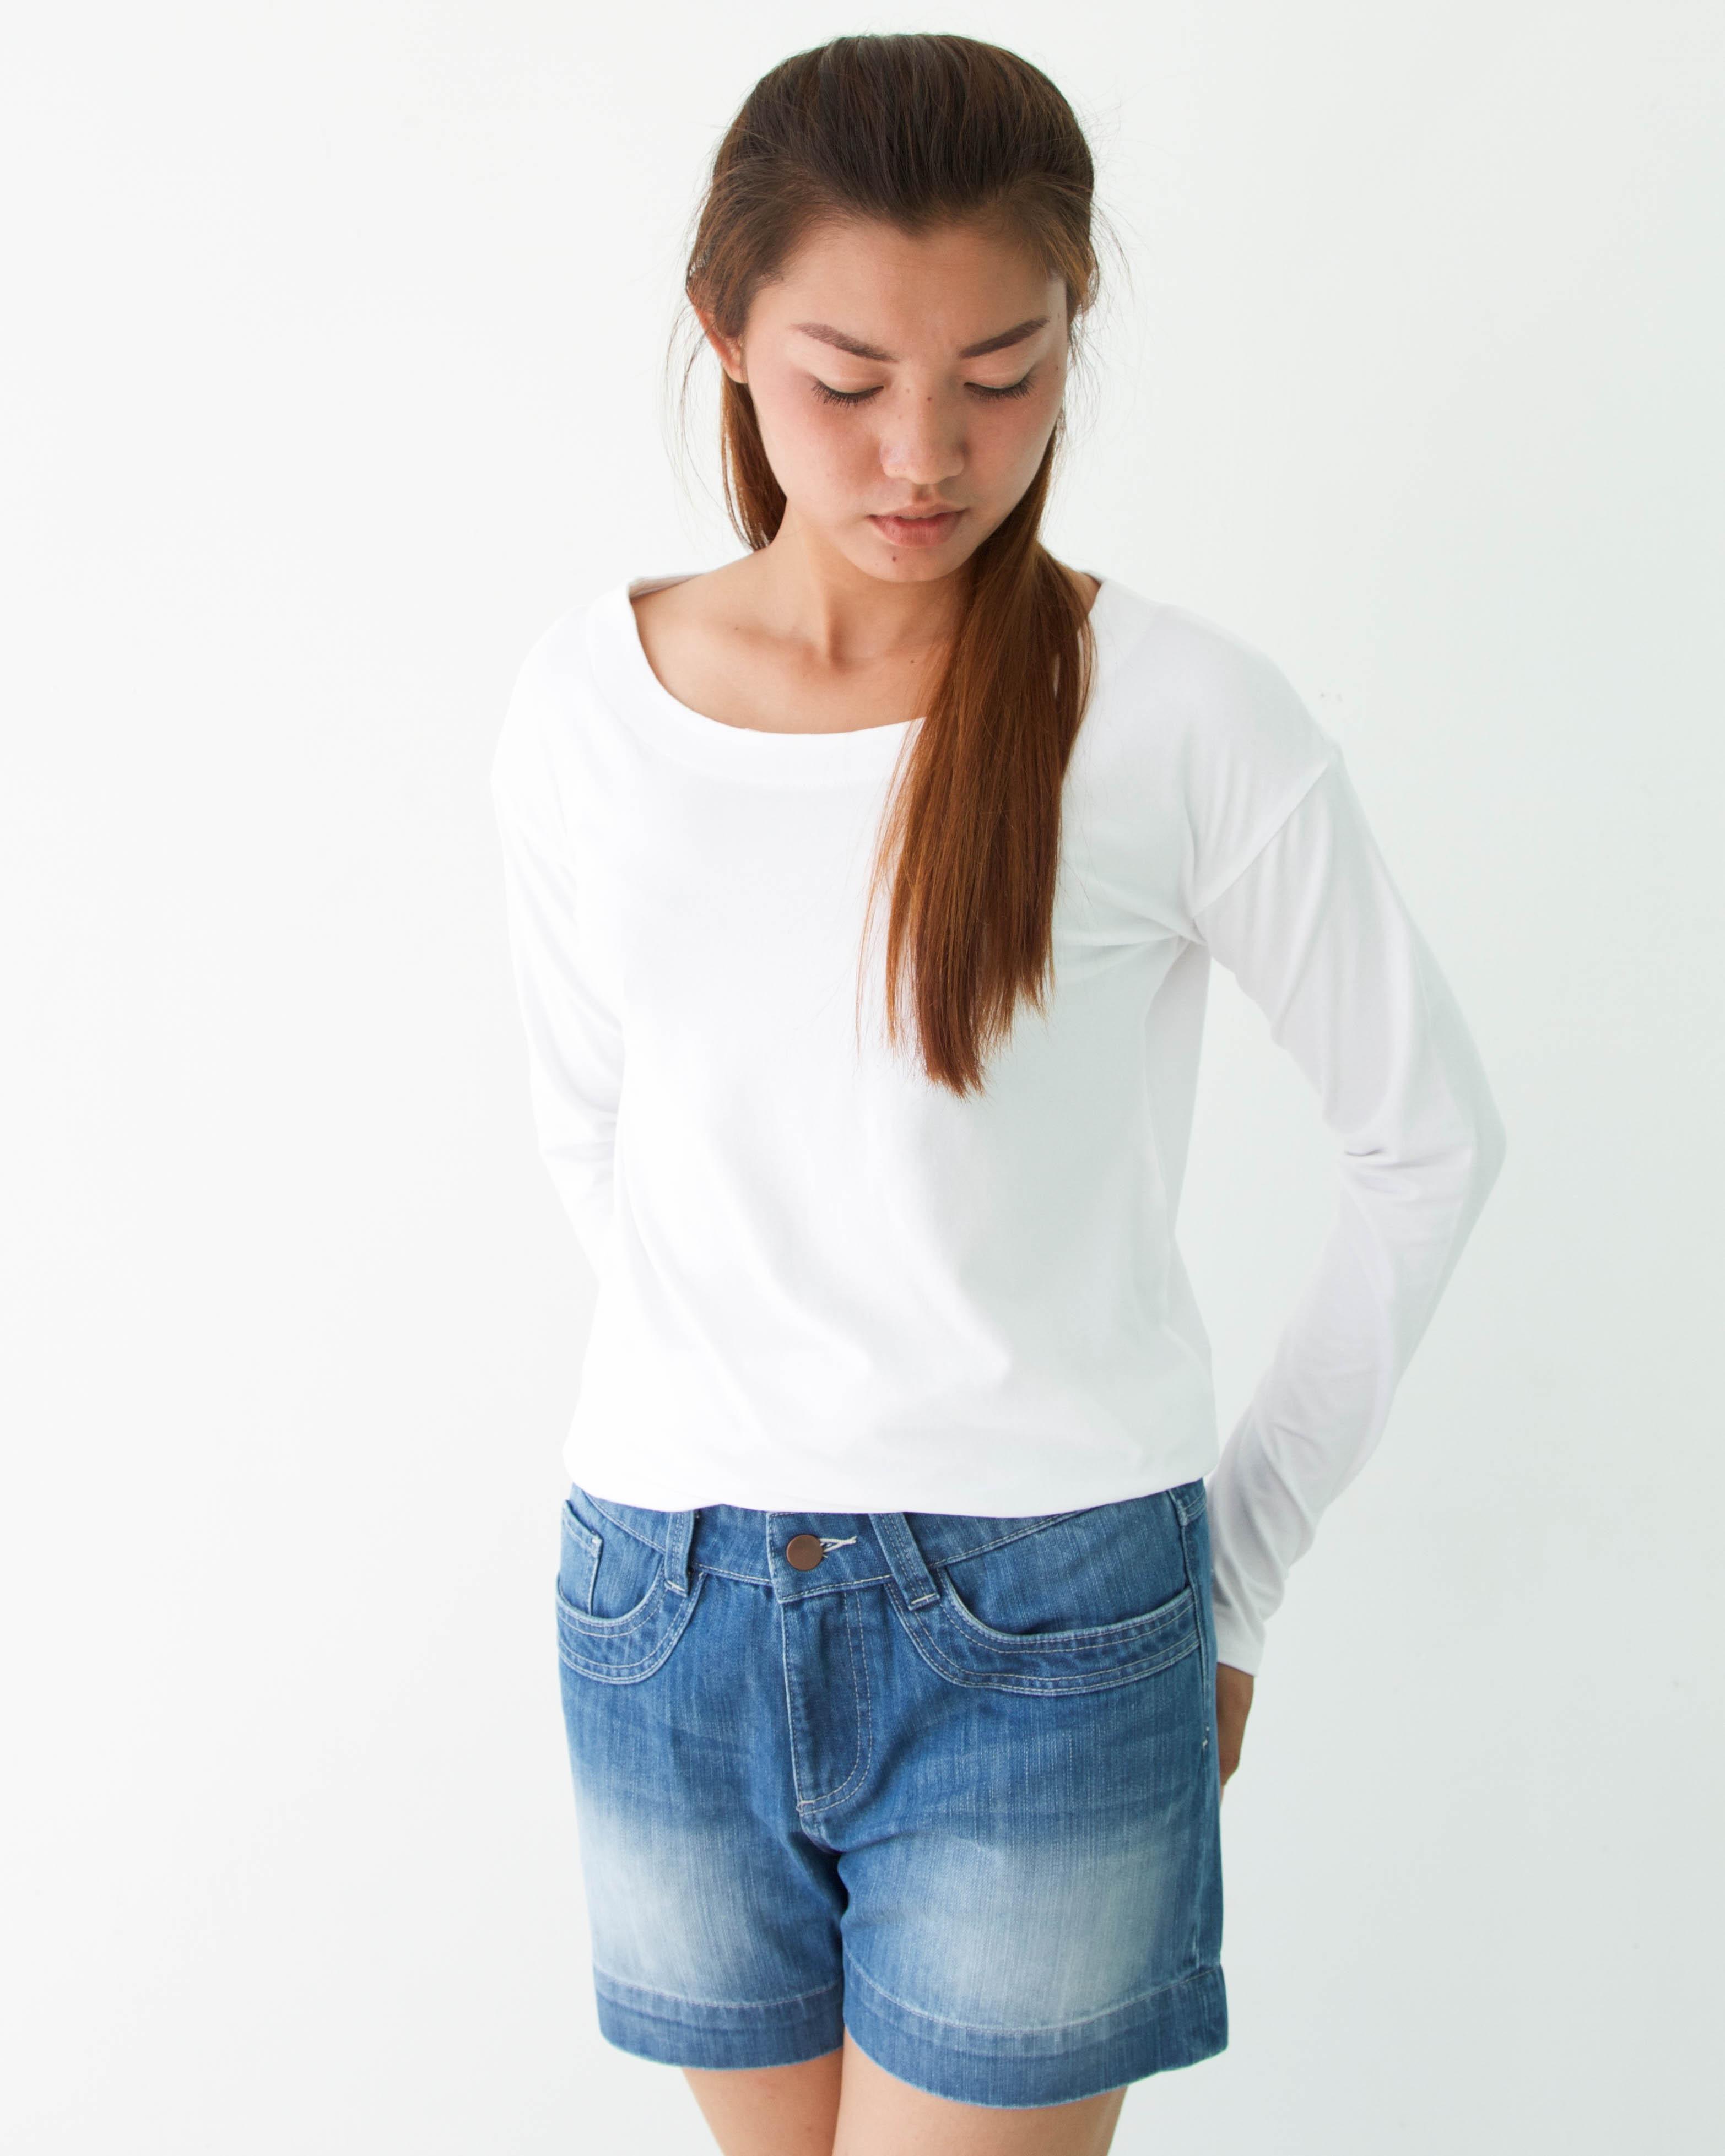 デニムショートパンツ(夏空色) Denim Shorts (Summer Sky Blue)